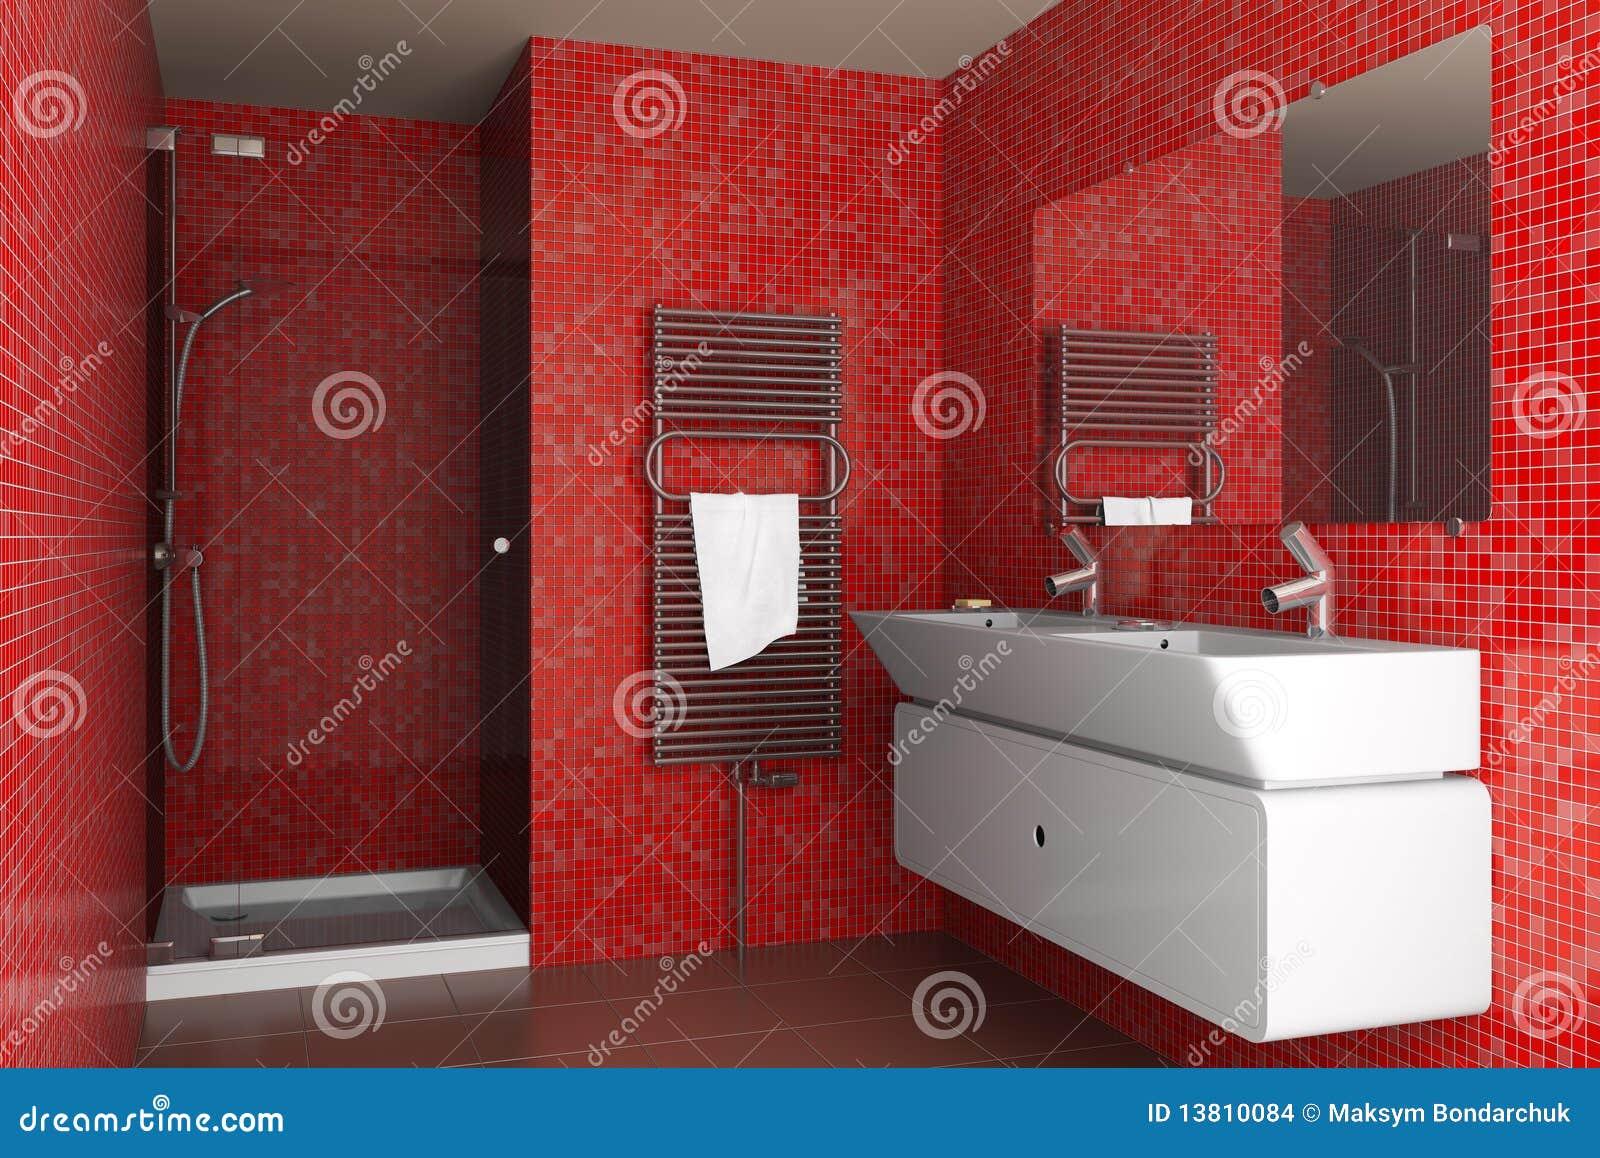 Baños Con Azulejos Rojos:Red Tile Bathrooms Modern